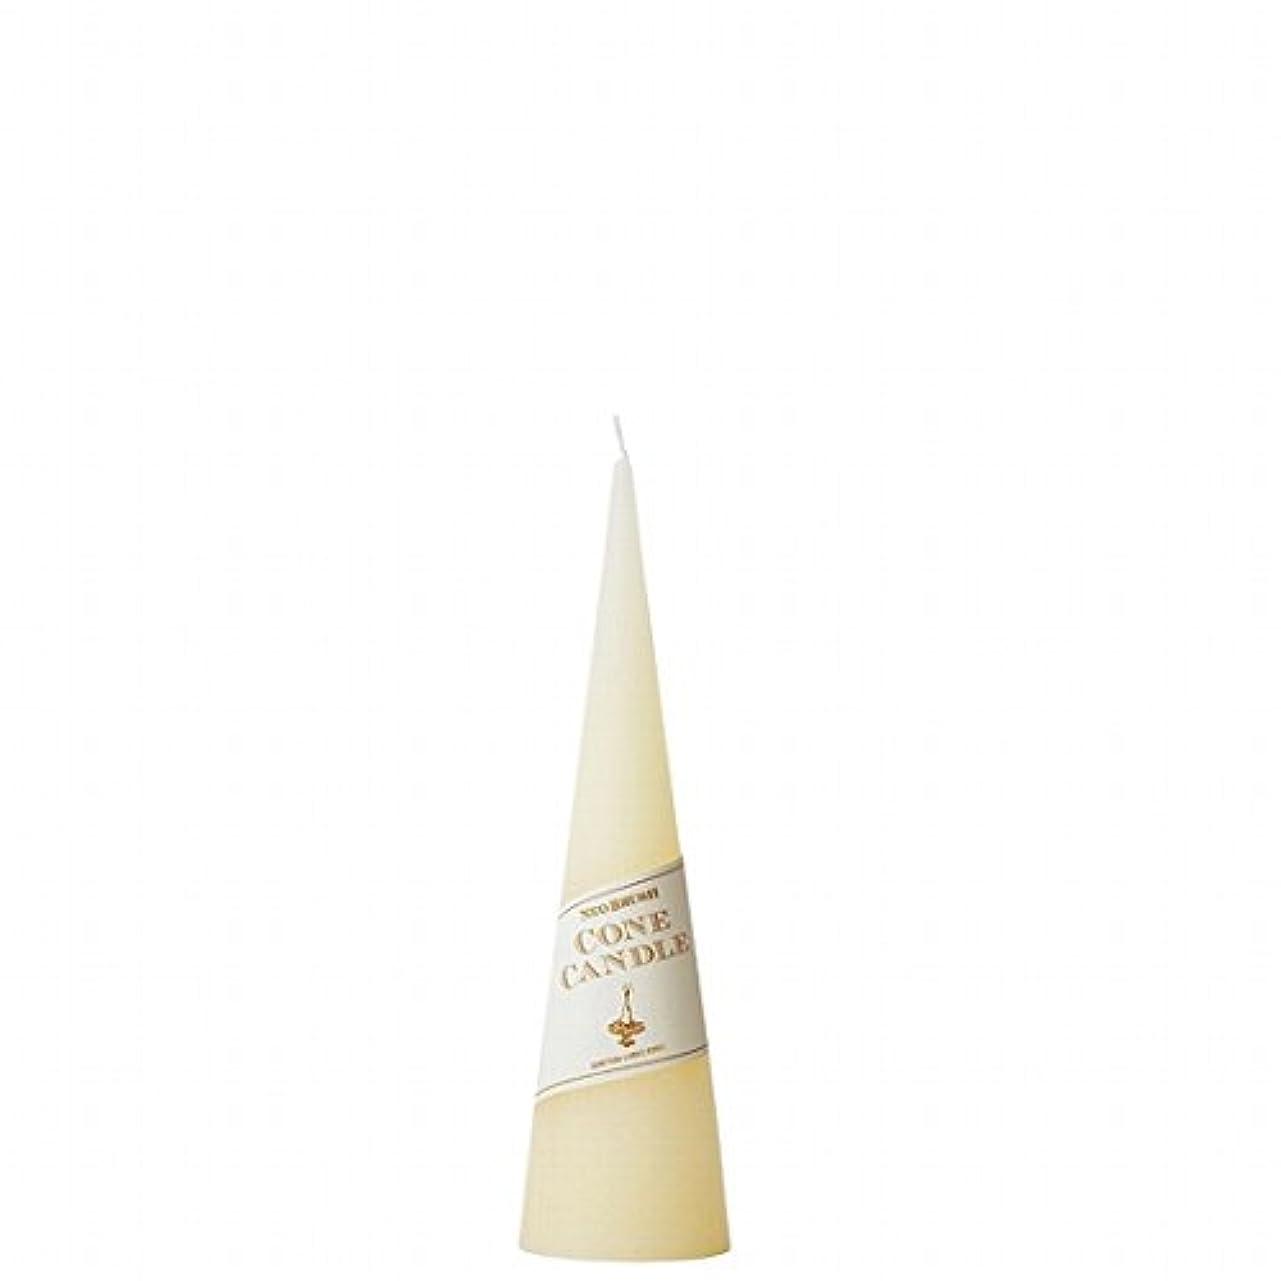 の量ドメイン自己尊重kameyama candle(カメヤマキャンドル) ネオブラッシュコーン 180 キャンドル 「 アイボリー 」(A9750010IV)